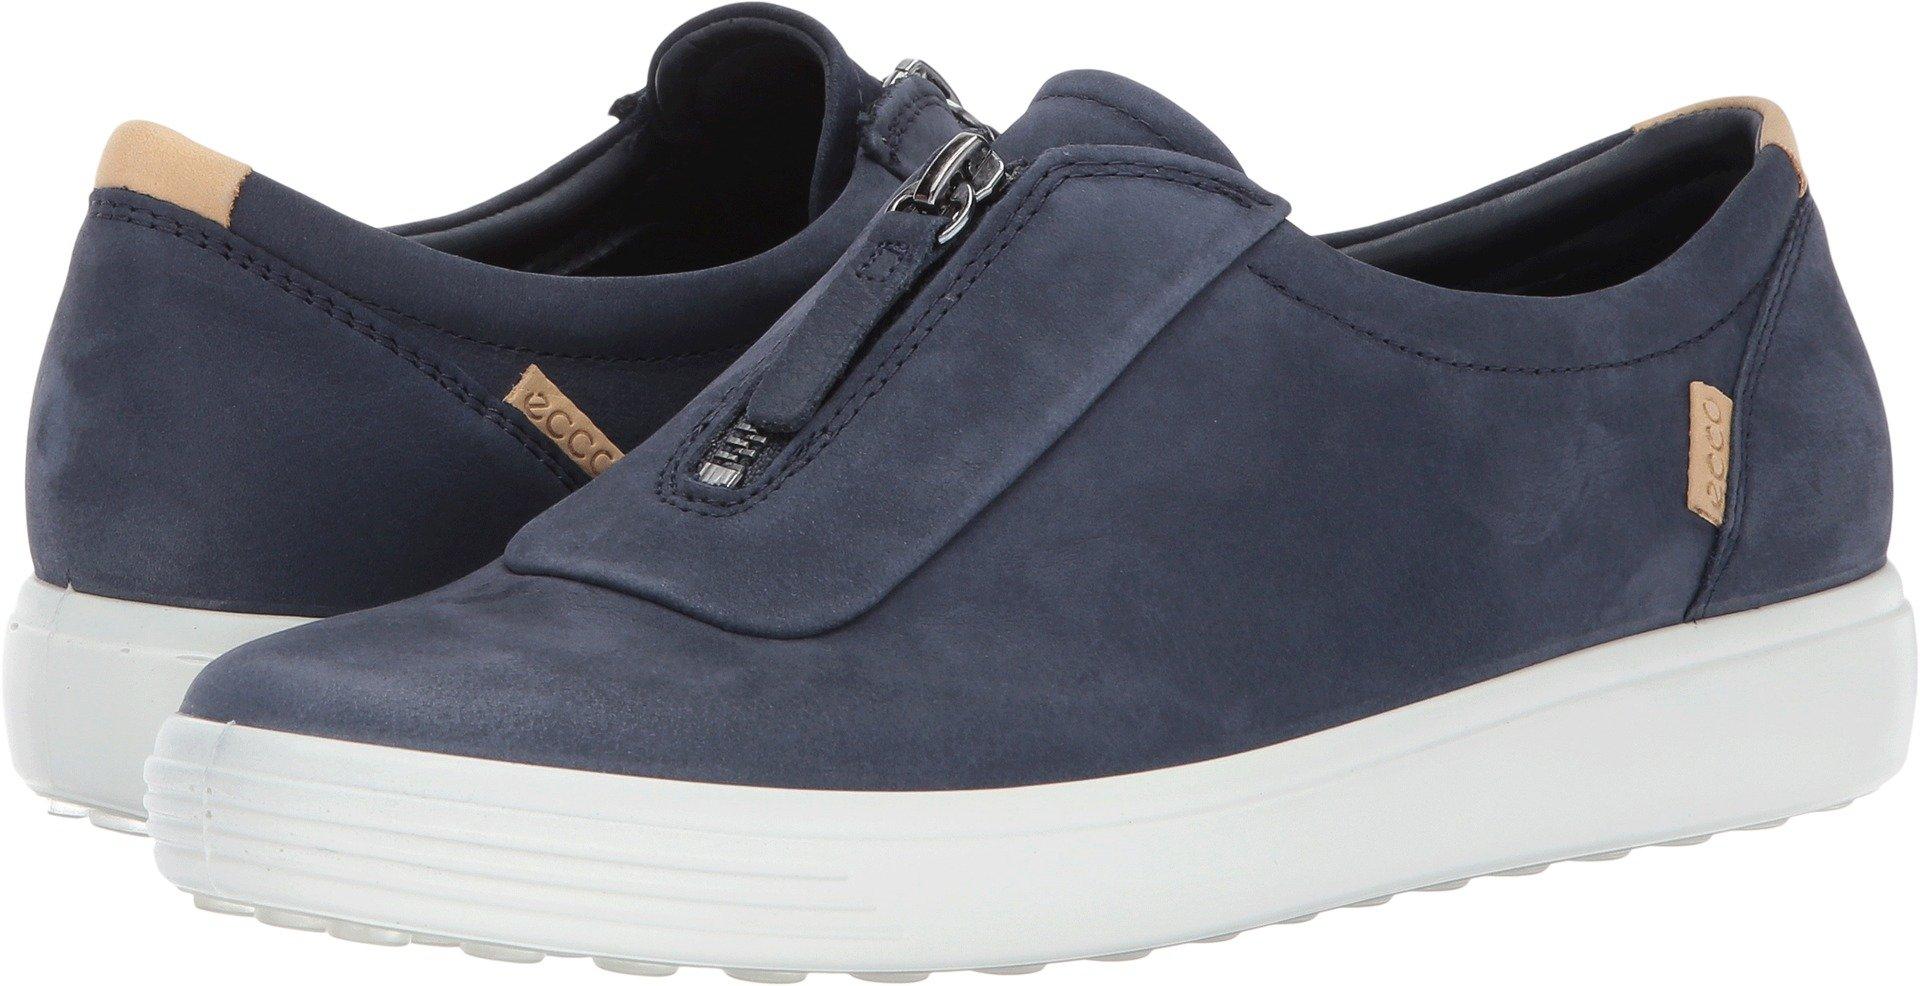 ECCO Women's Women's Soft 7 Zip Fashion Sneaker, Marine Nubuck, 36 EU/5-5.5 US